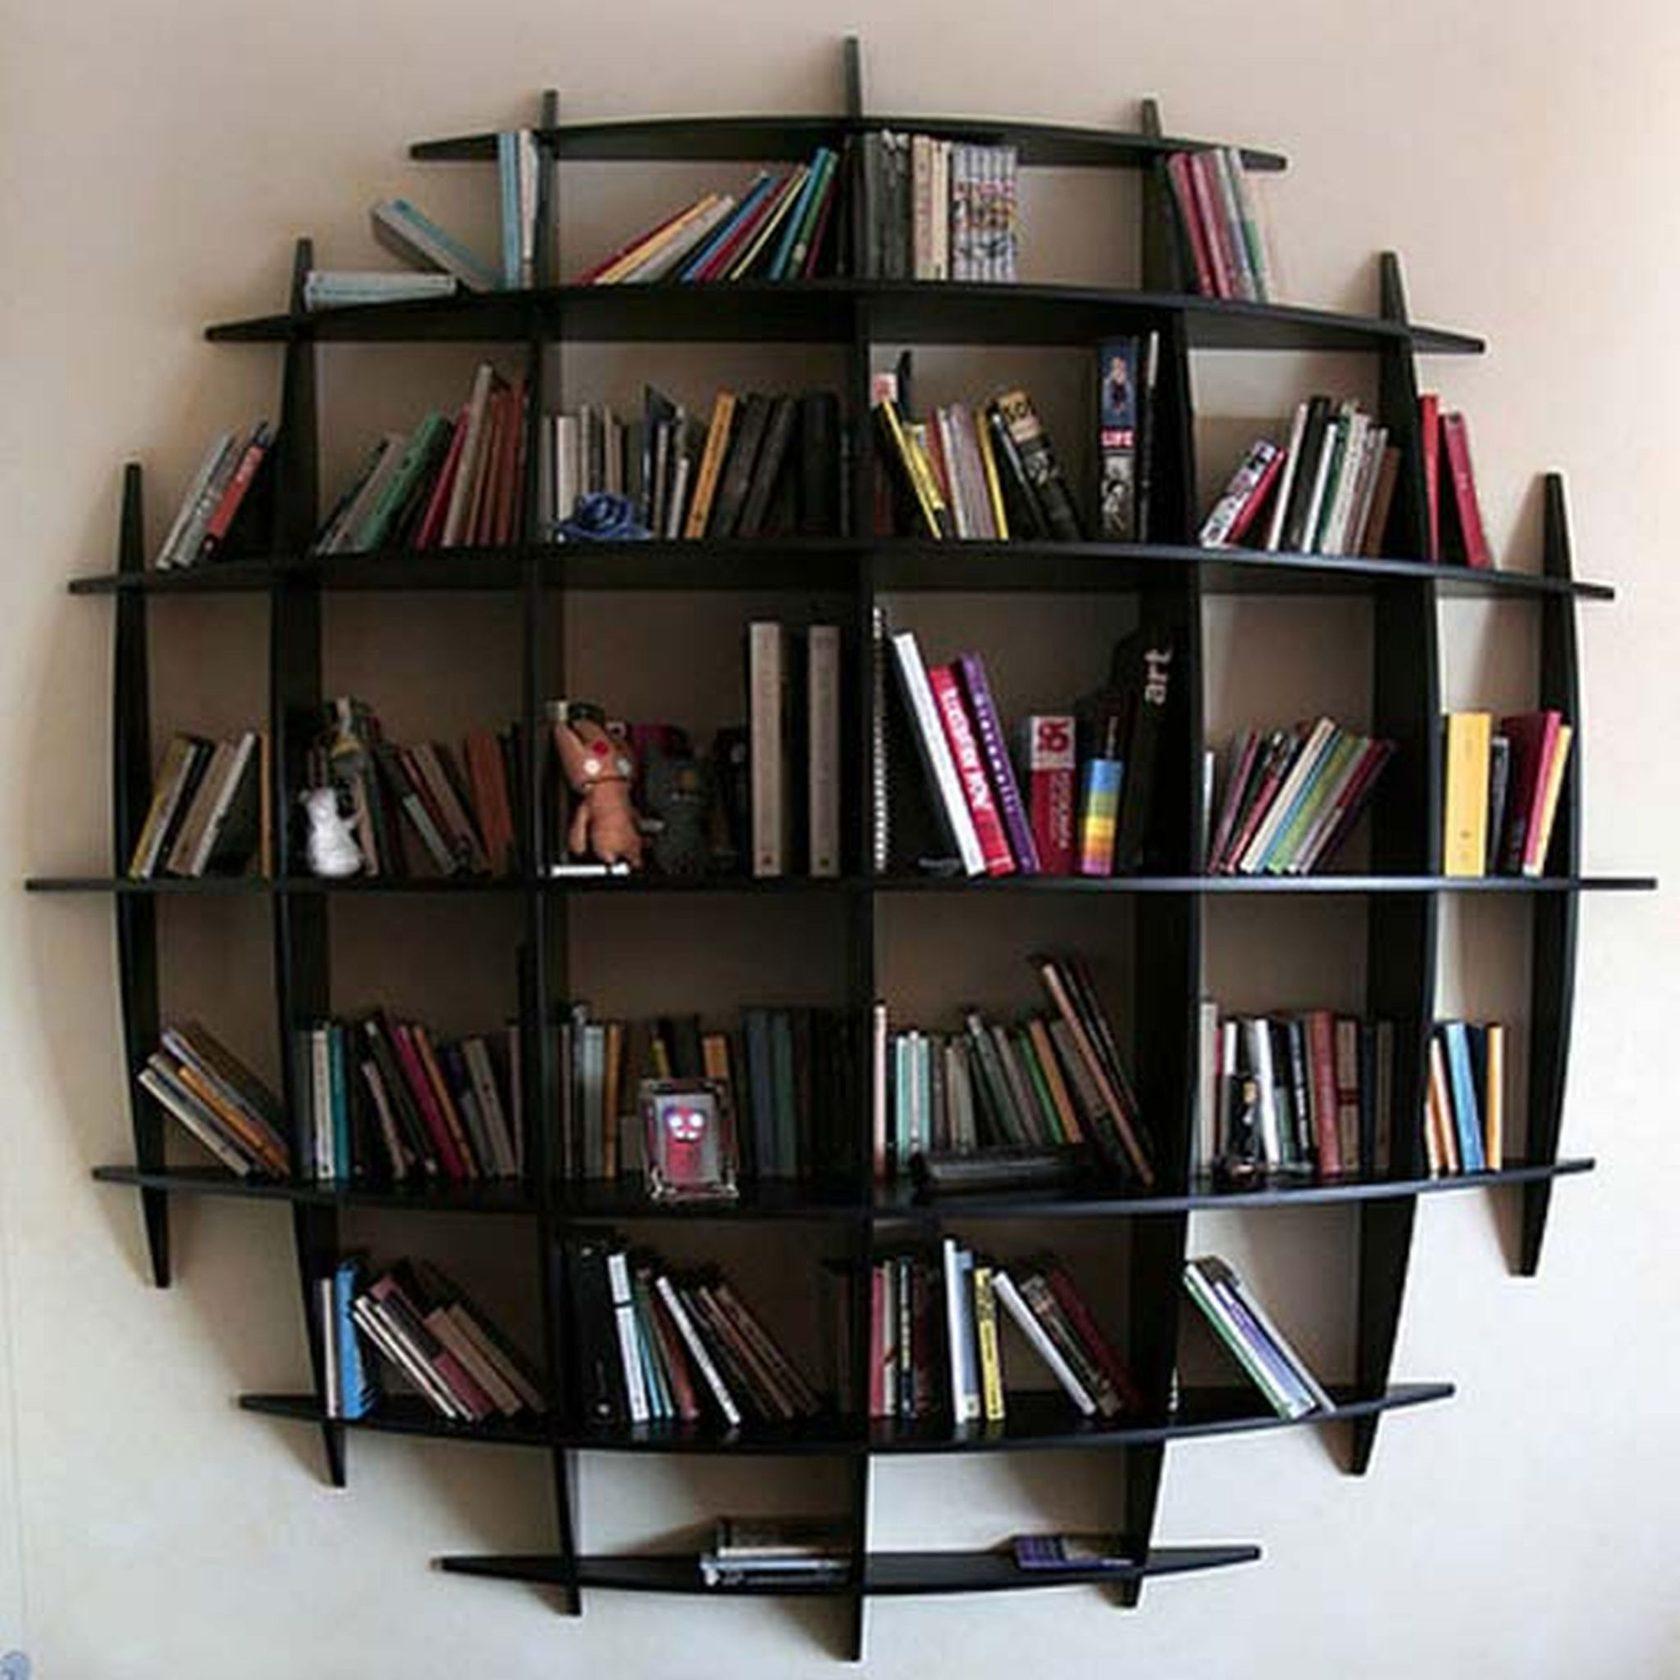 Вместилище знаний — книжный шкаф своими руками с чертежами, схемами и подробным описанием, как его сделать самому